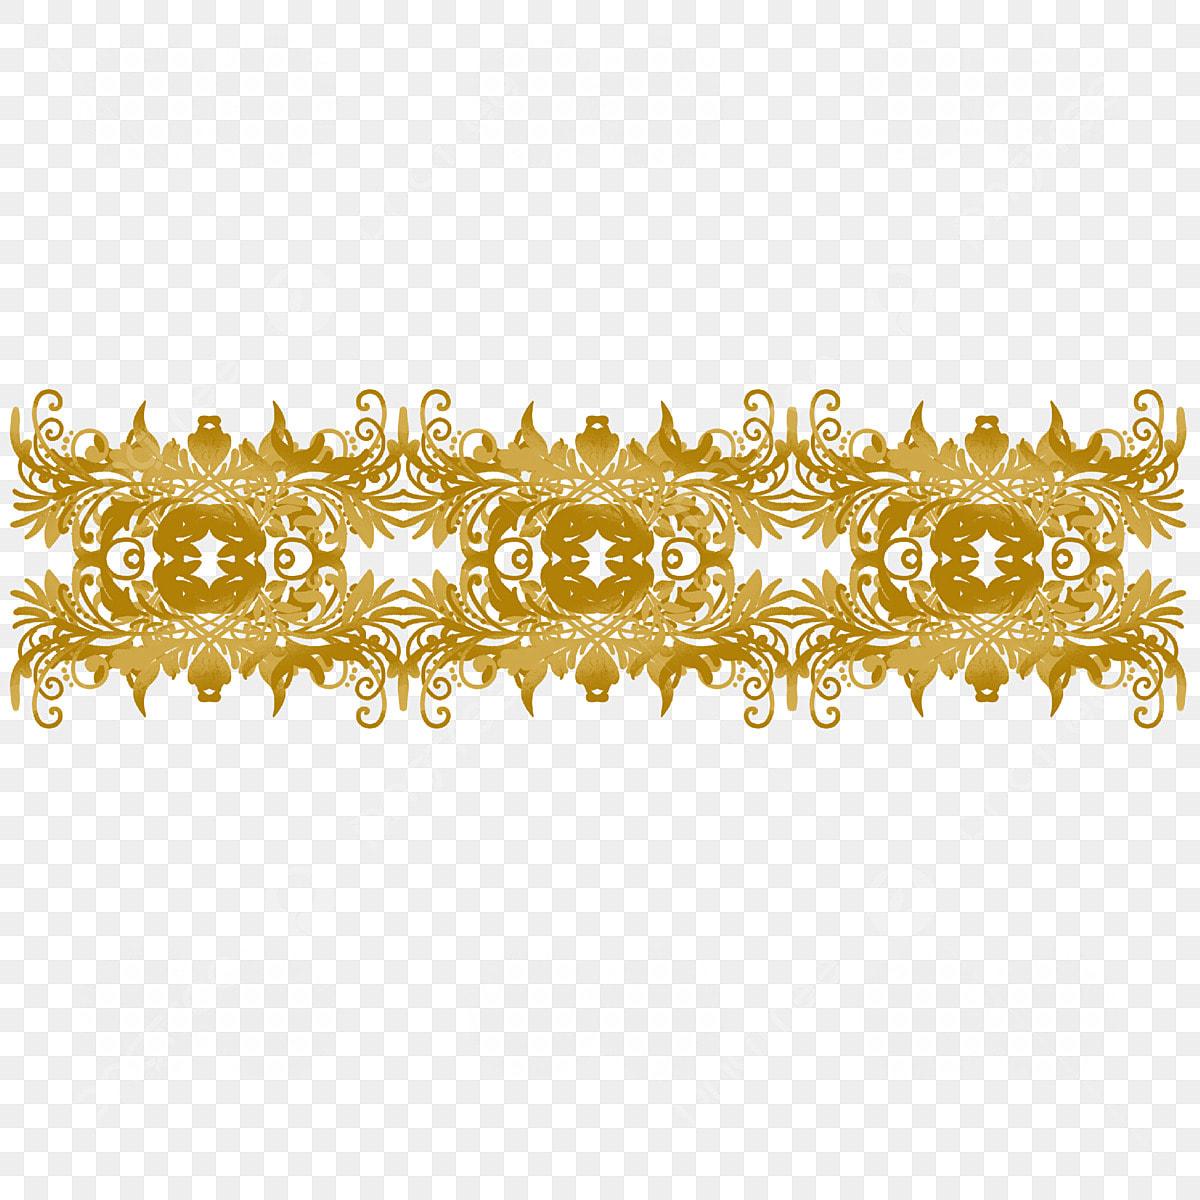 ثلاثي الأبعاد ذهبية خلاقة زخرفة النمط خلاقة الأوروبي Png وملف Psd للتحميل مجانا